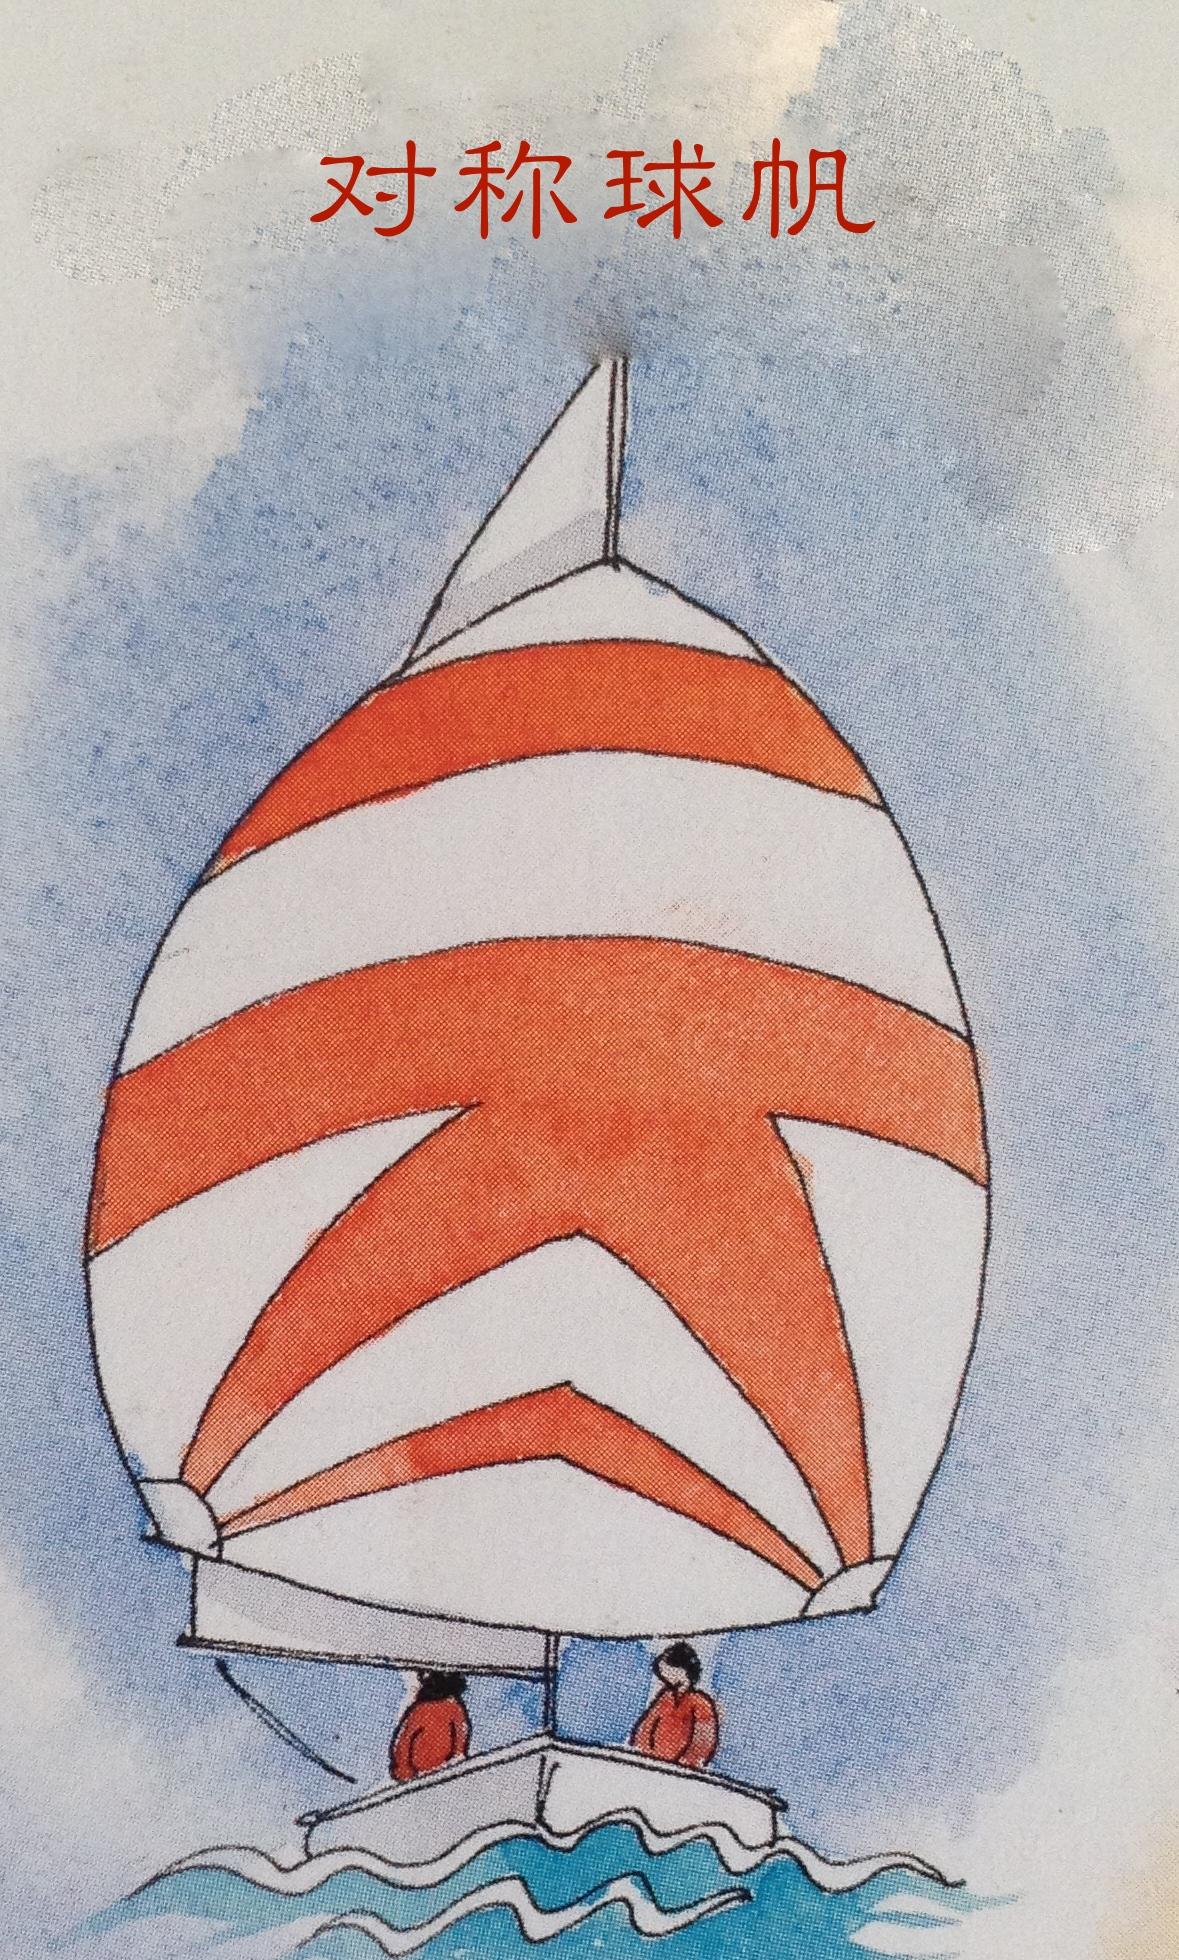 球帆分为两种:1、不对称球帆 2、对称球帆。 50bb.jpg